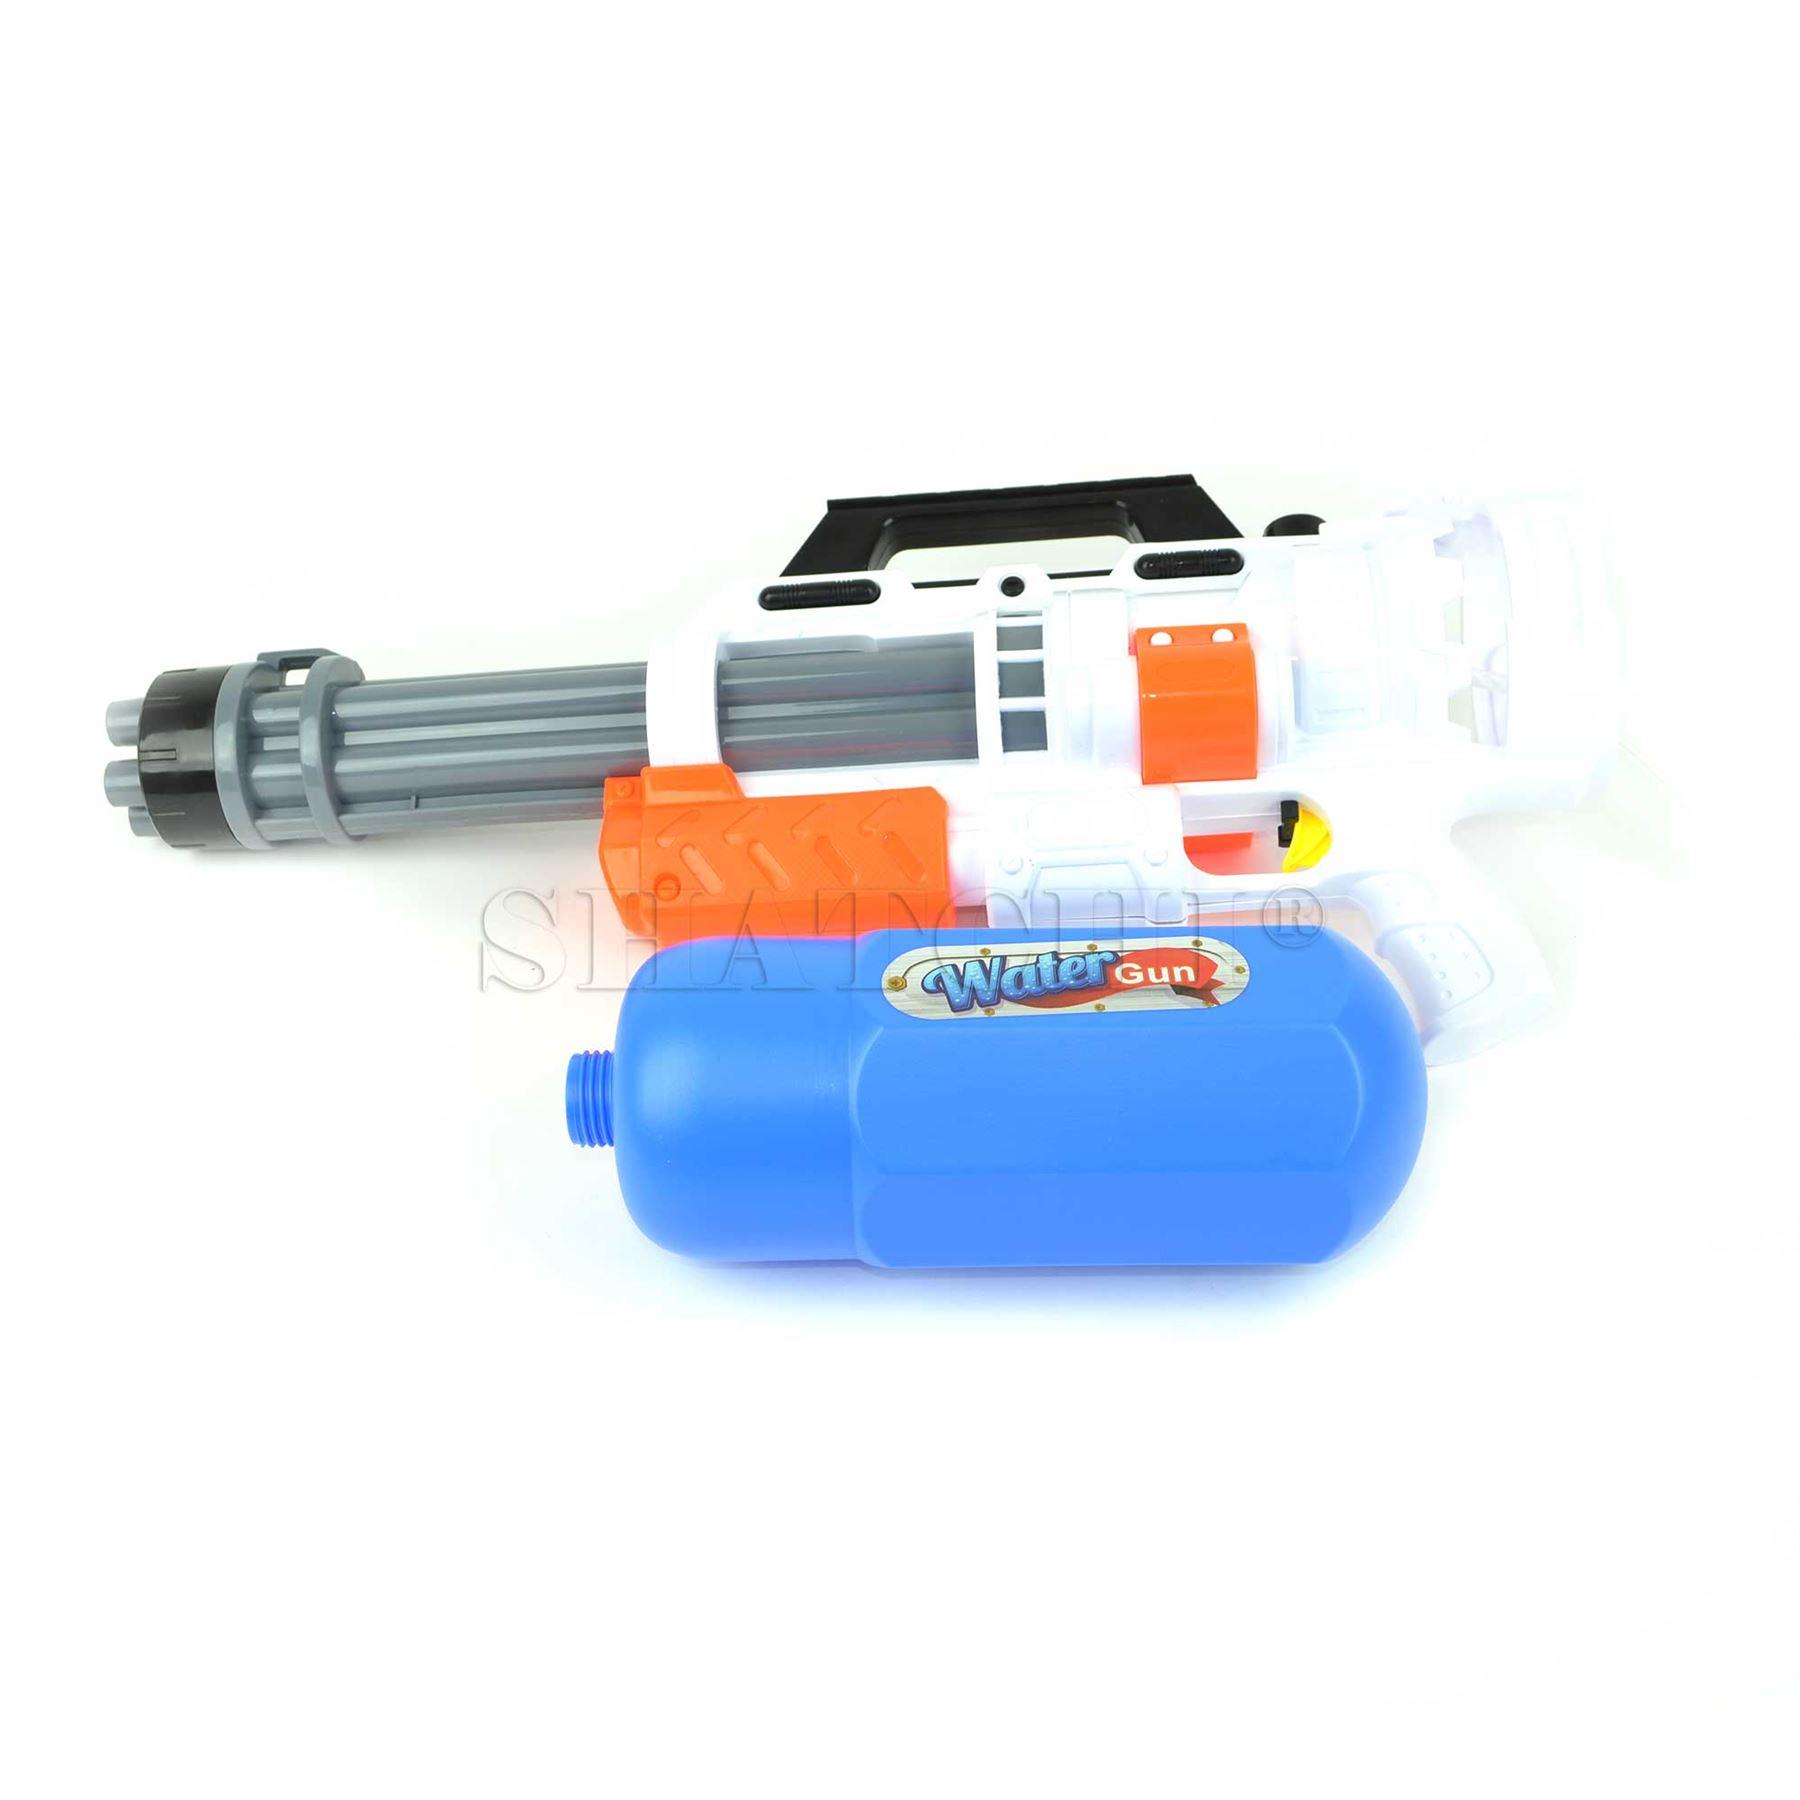 miniature 17 - Large Water Gun Pump Action Super Soaker Sprayer Backpack Outdoor Beach Garden